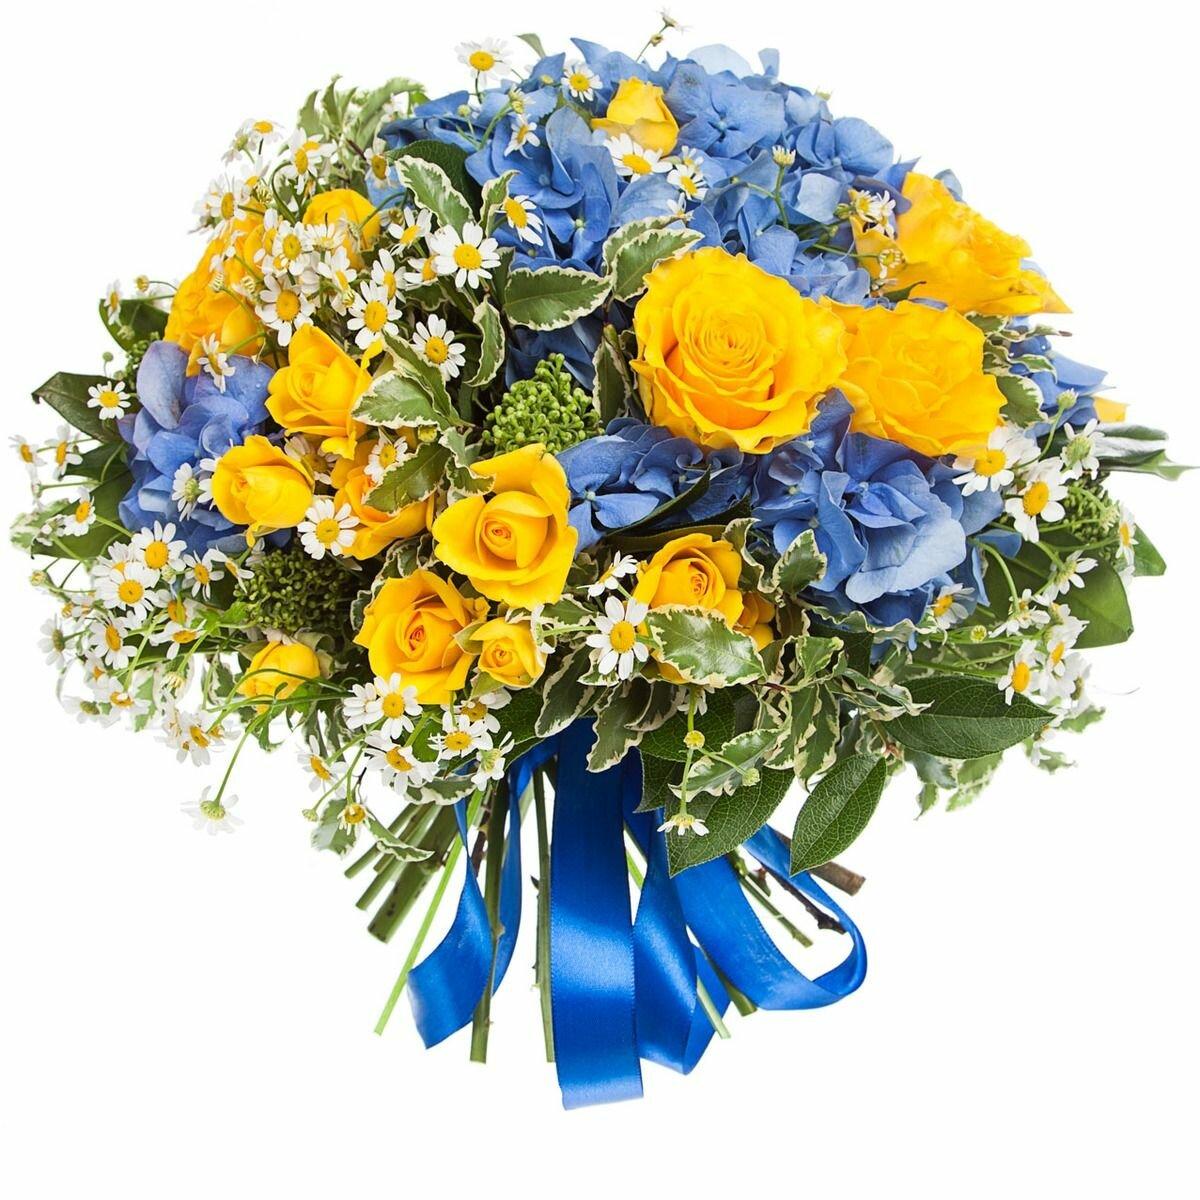 украинского акционерного цветы для мужчины на день рождения картинки практически всегда